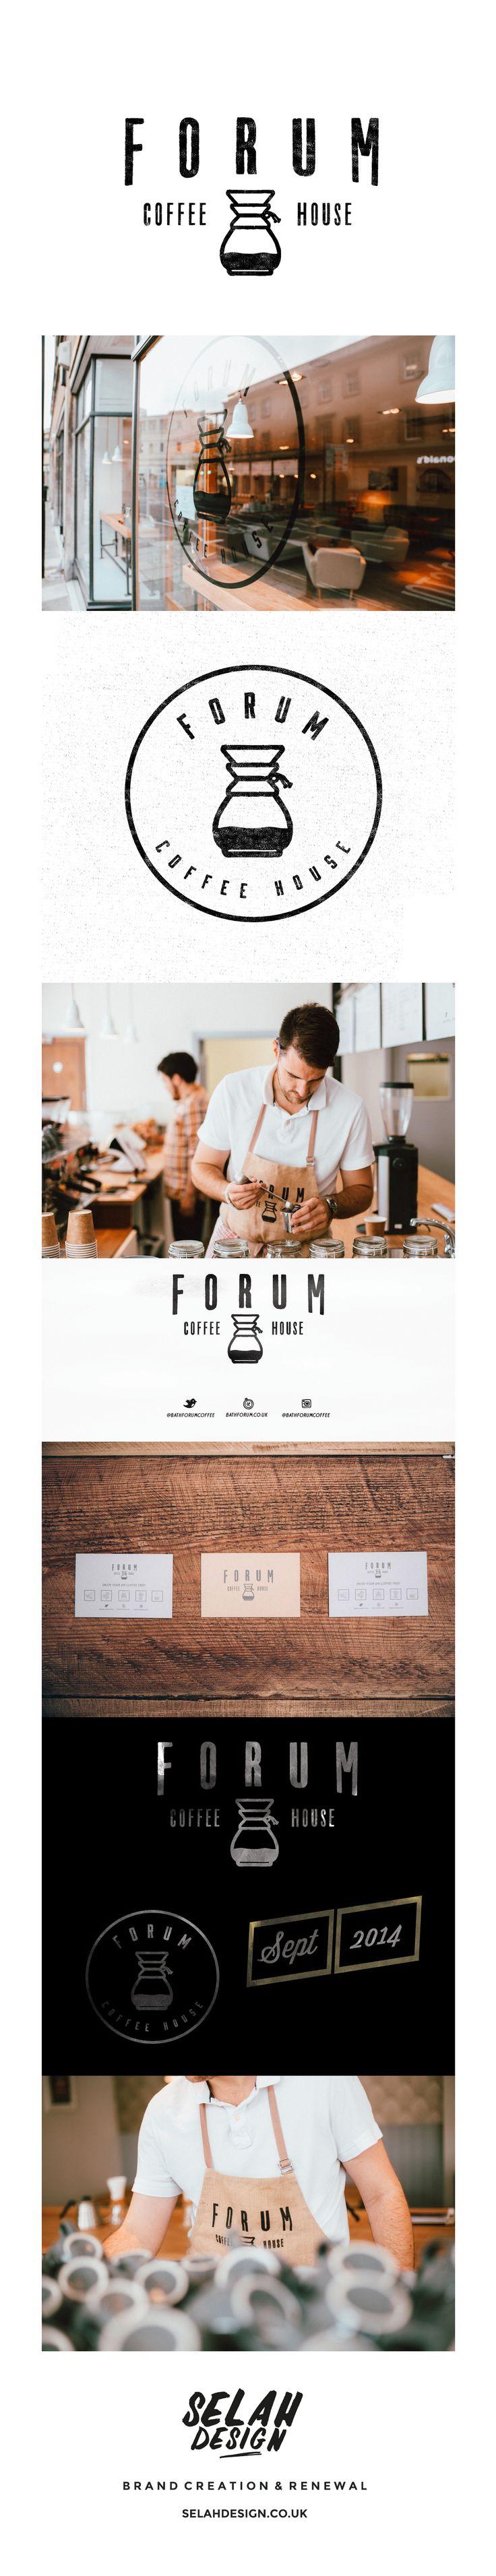 Forum Coffee House Branding Deisgn by Selah Design selahdesign.co.uk